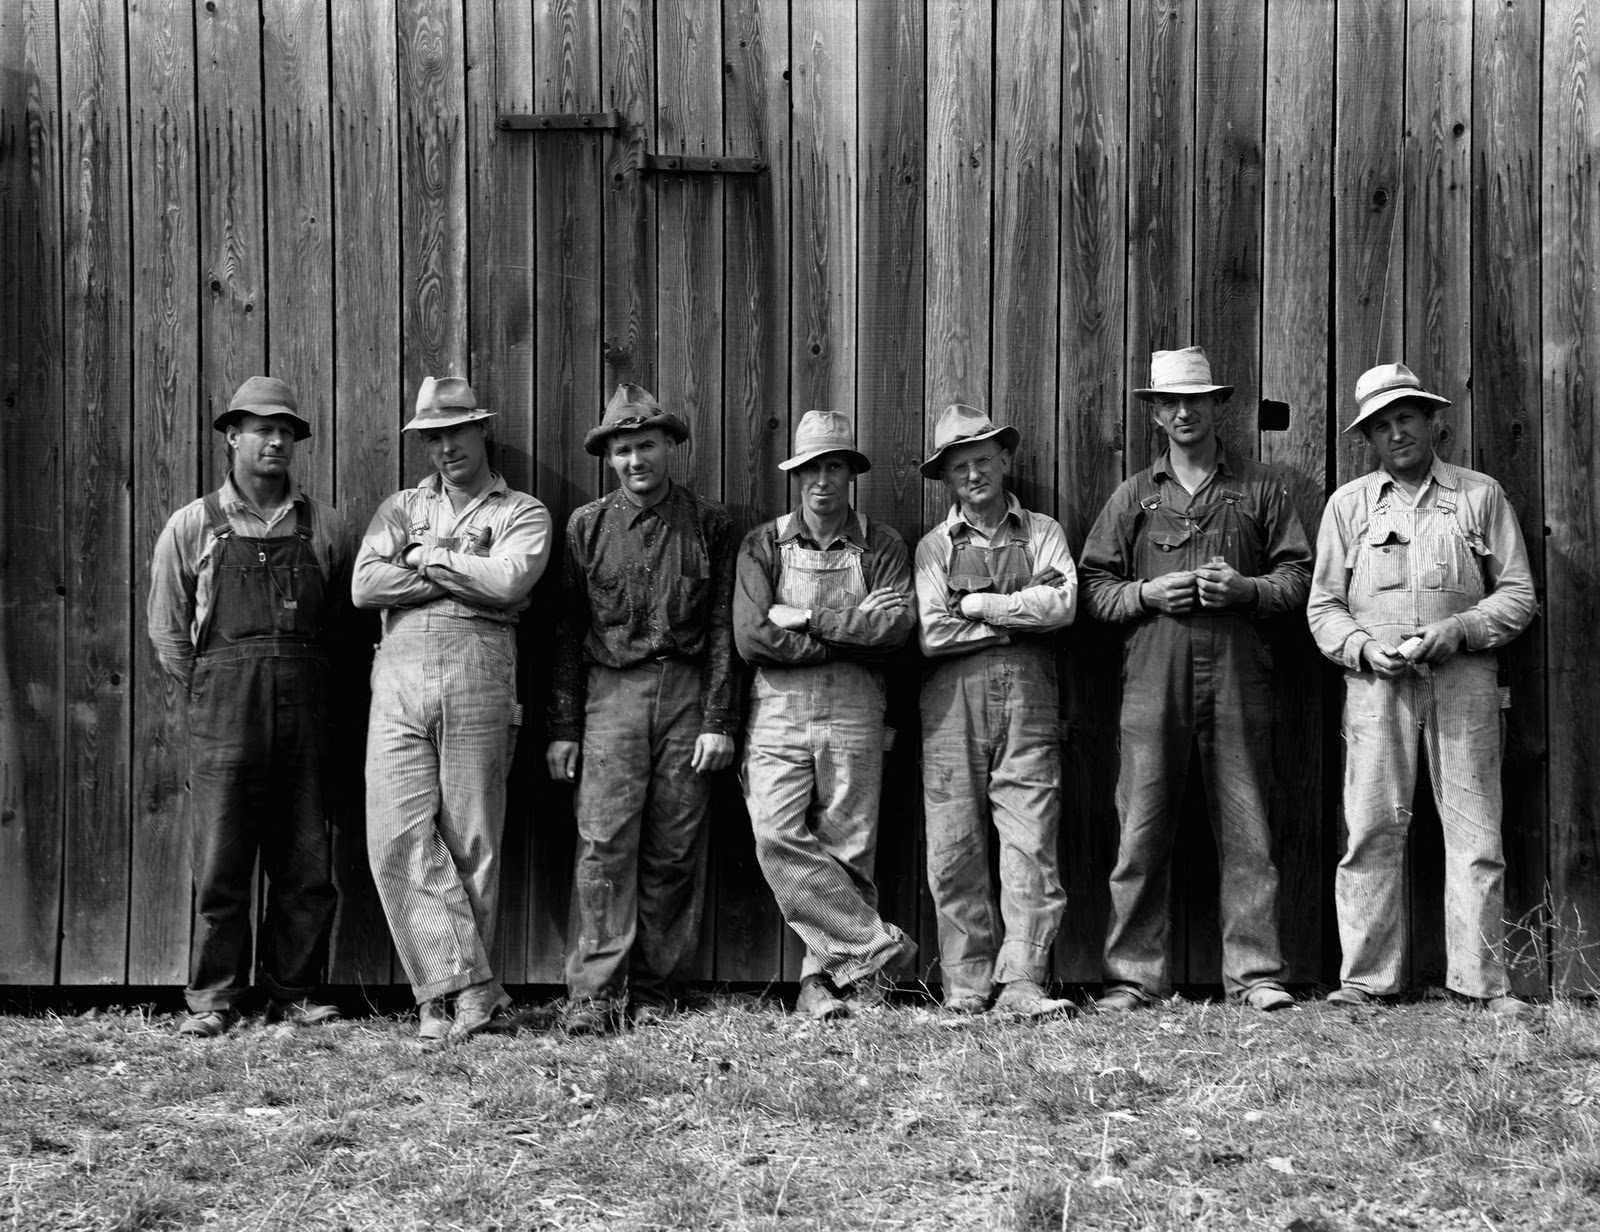 Campesinos de los años 50 americanos by Dorothea Lange